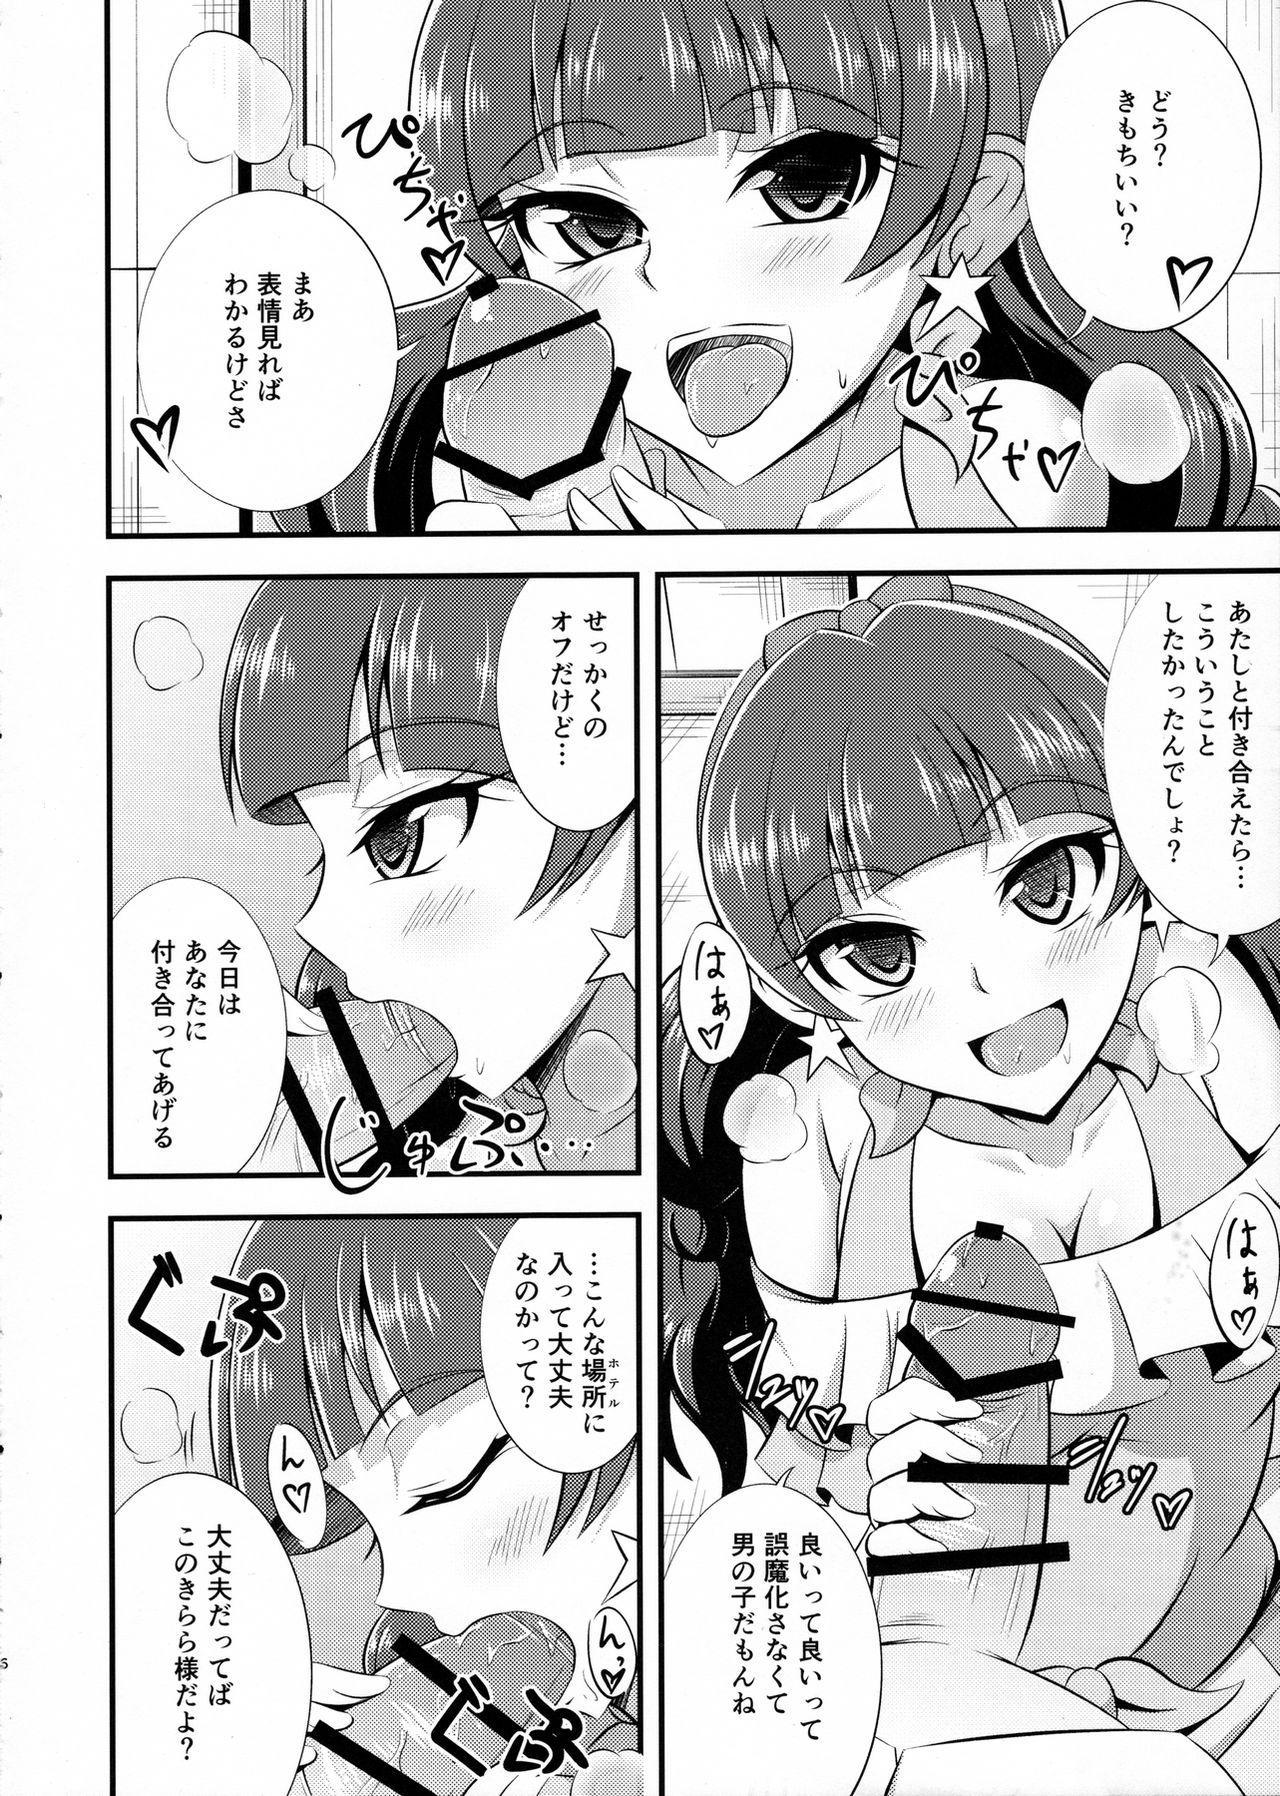 Kira, Hoshi no gotoku. 5